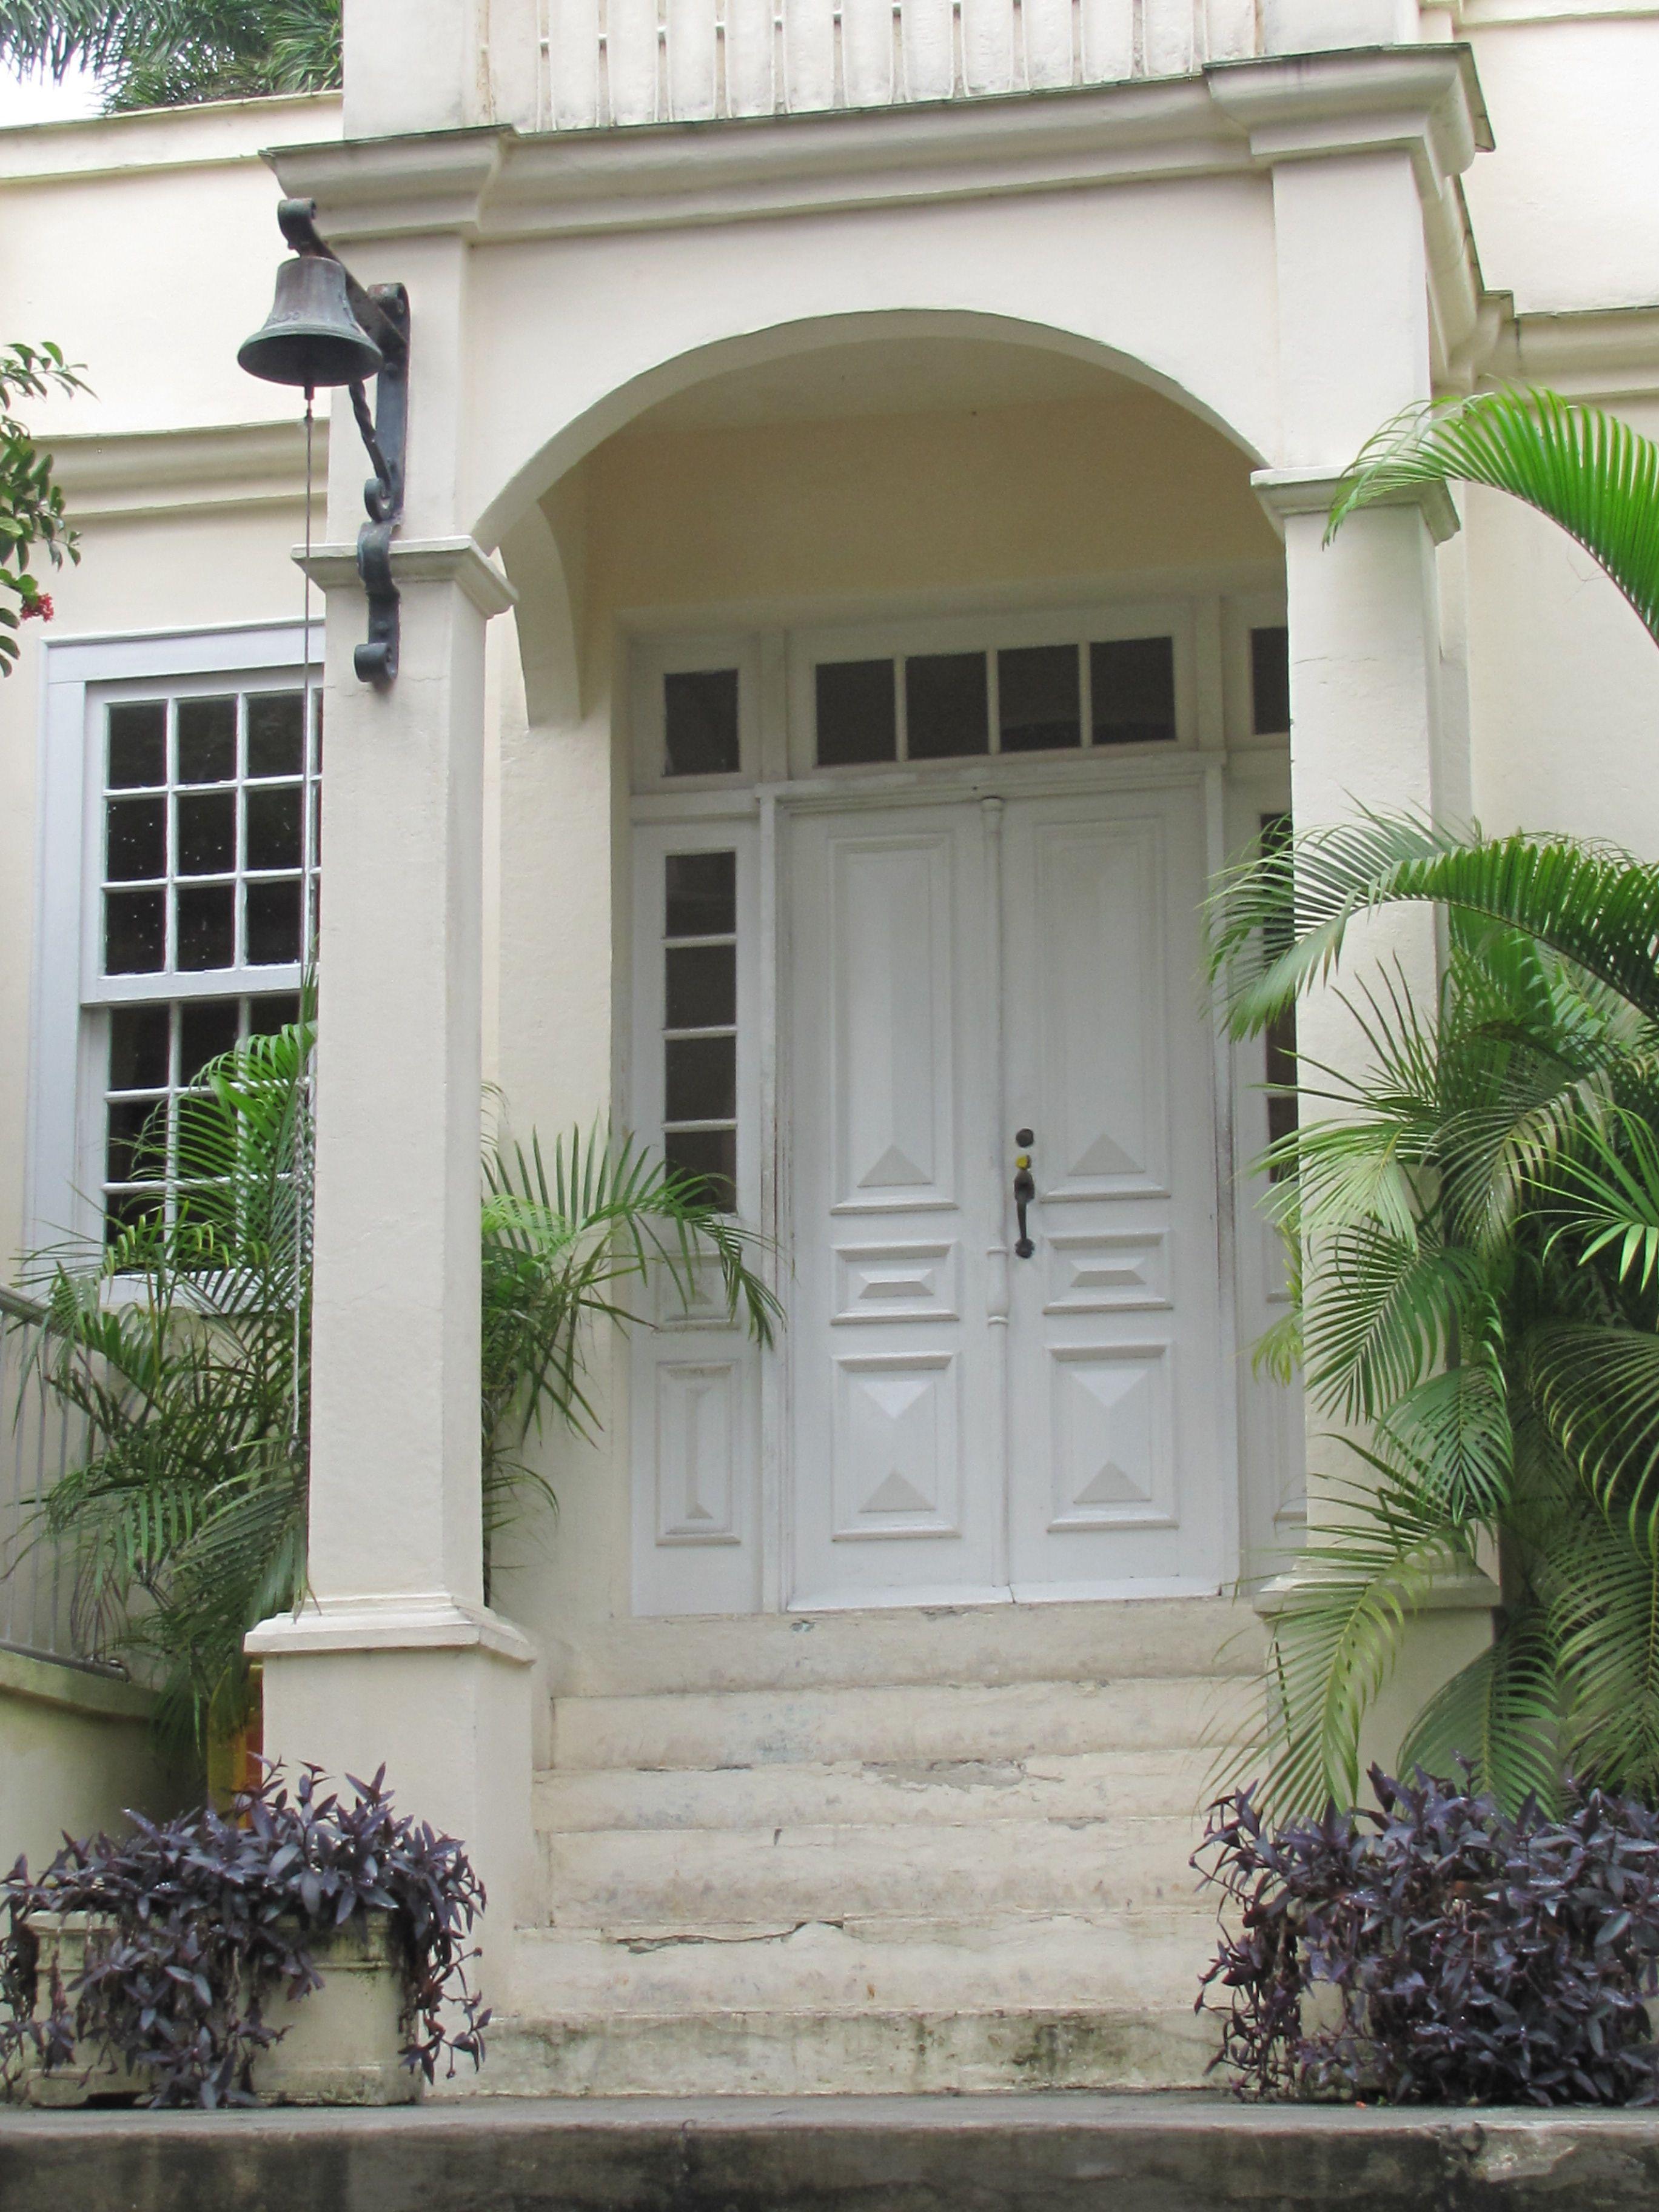 Ernest Hemingway's home in Havana.